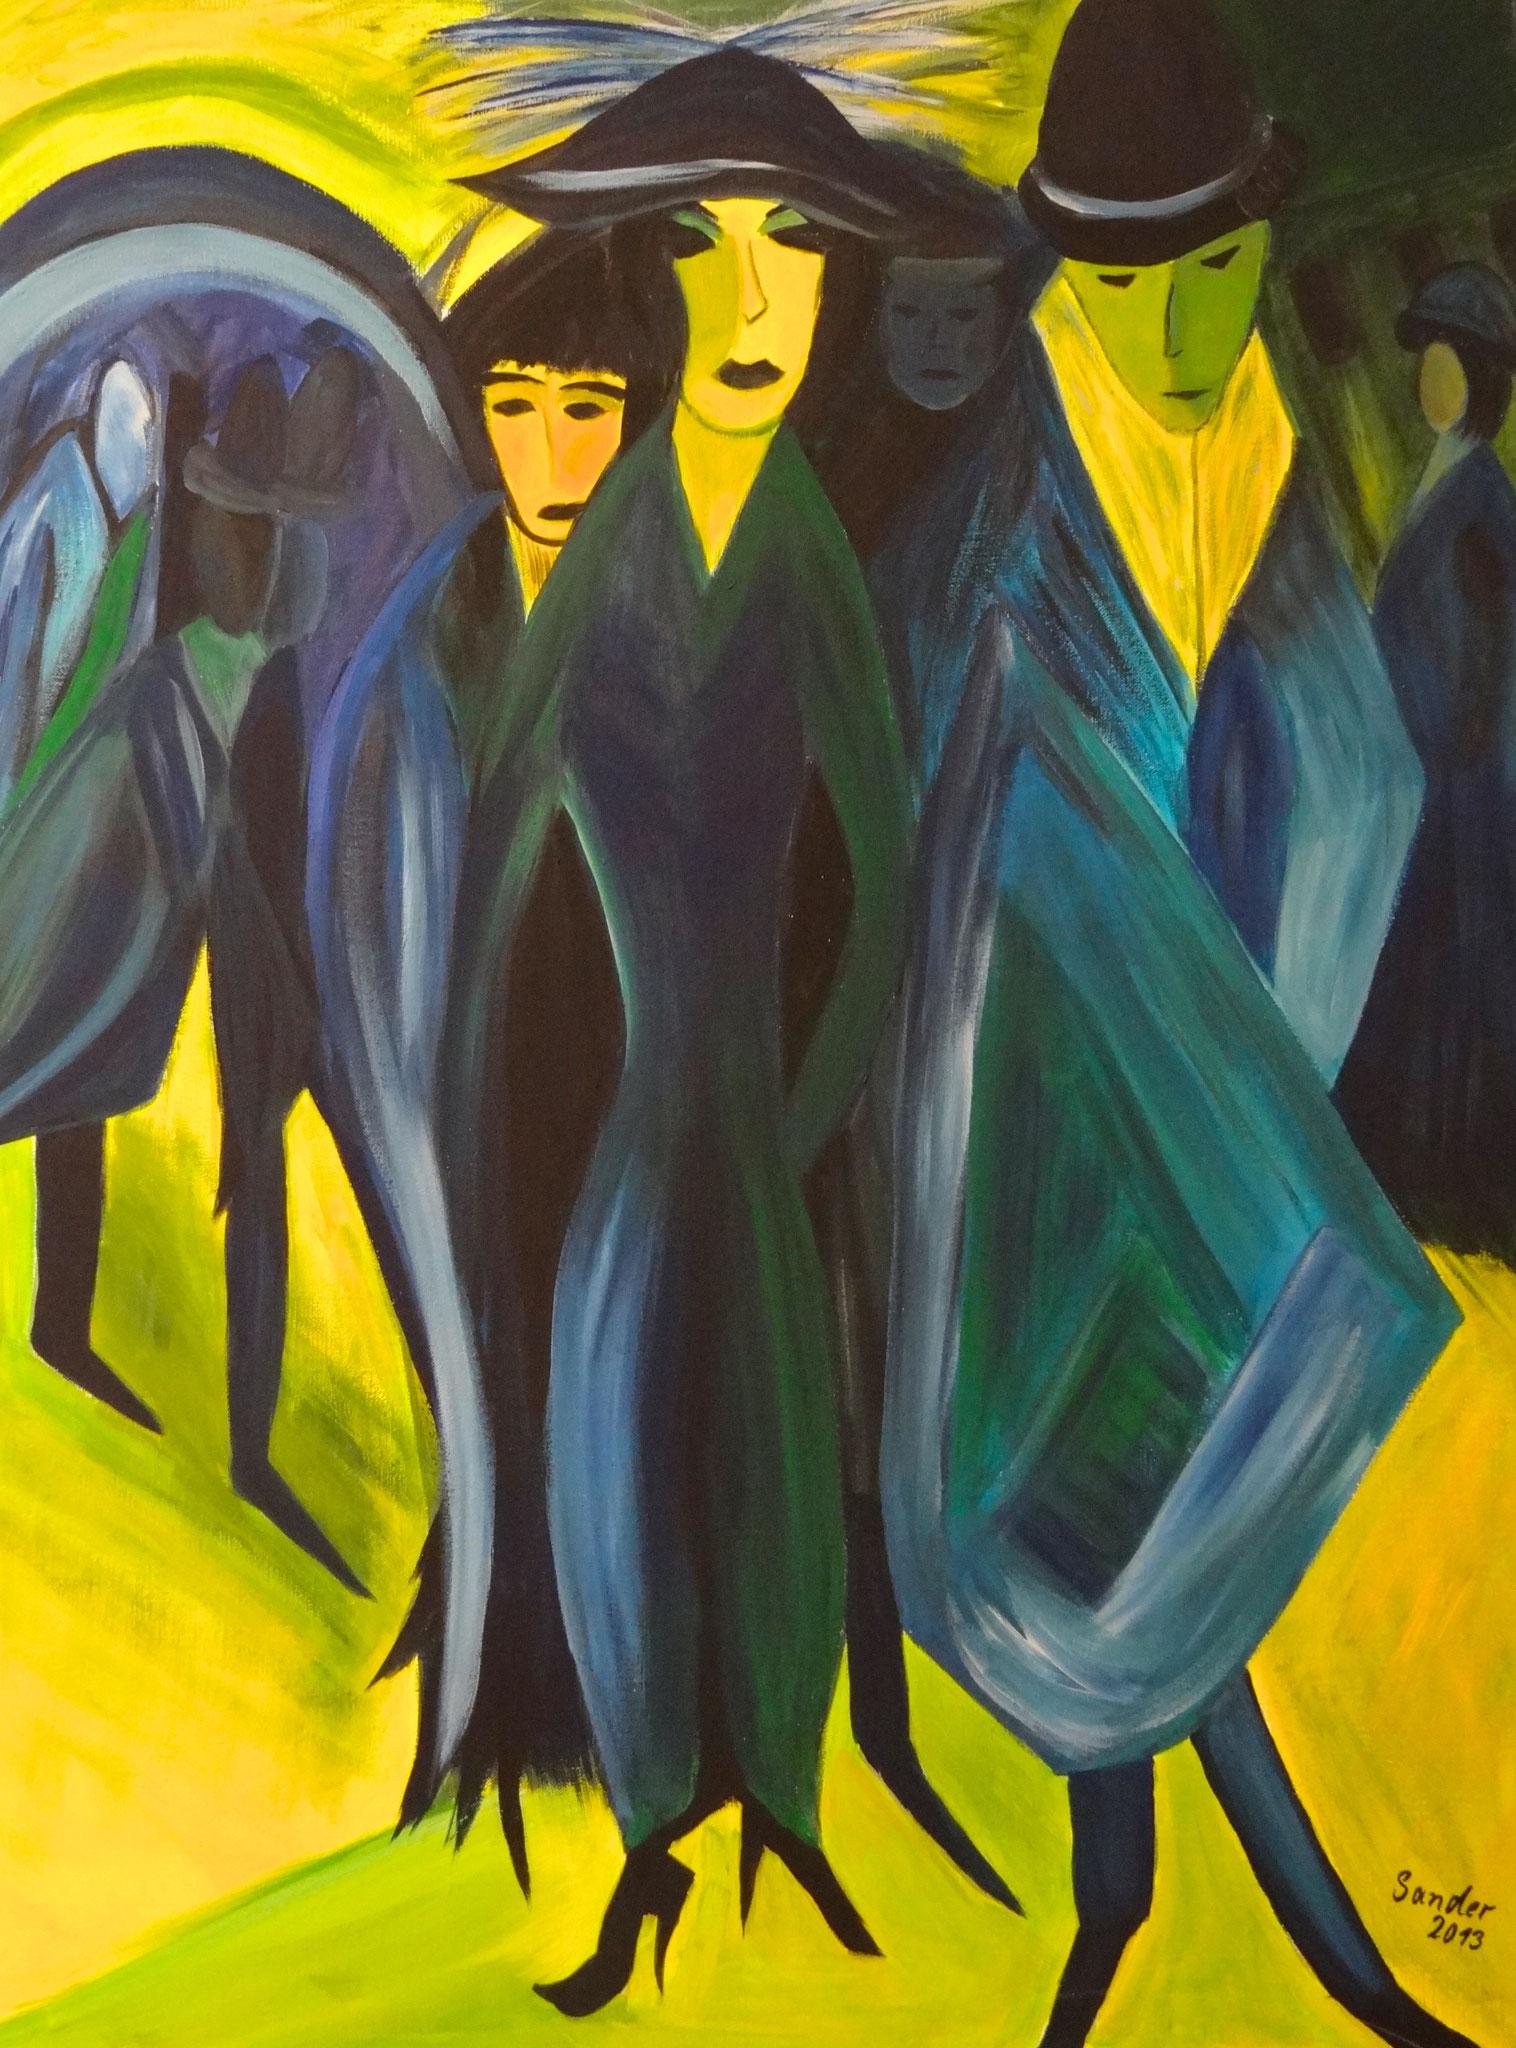 nach Kirchner 2, 80 x 60 cm, Acrylfarben auf Keilrahmen, signiert und datiert 2013